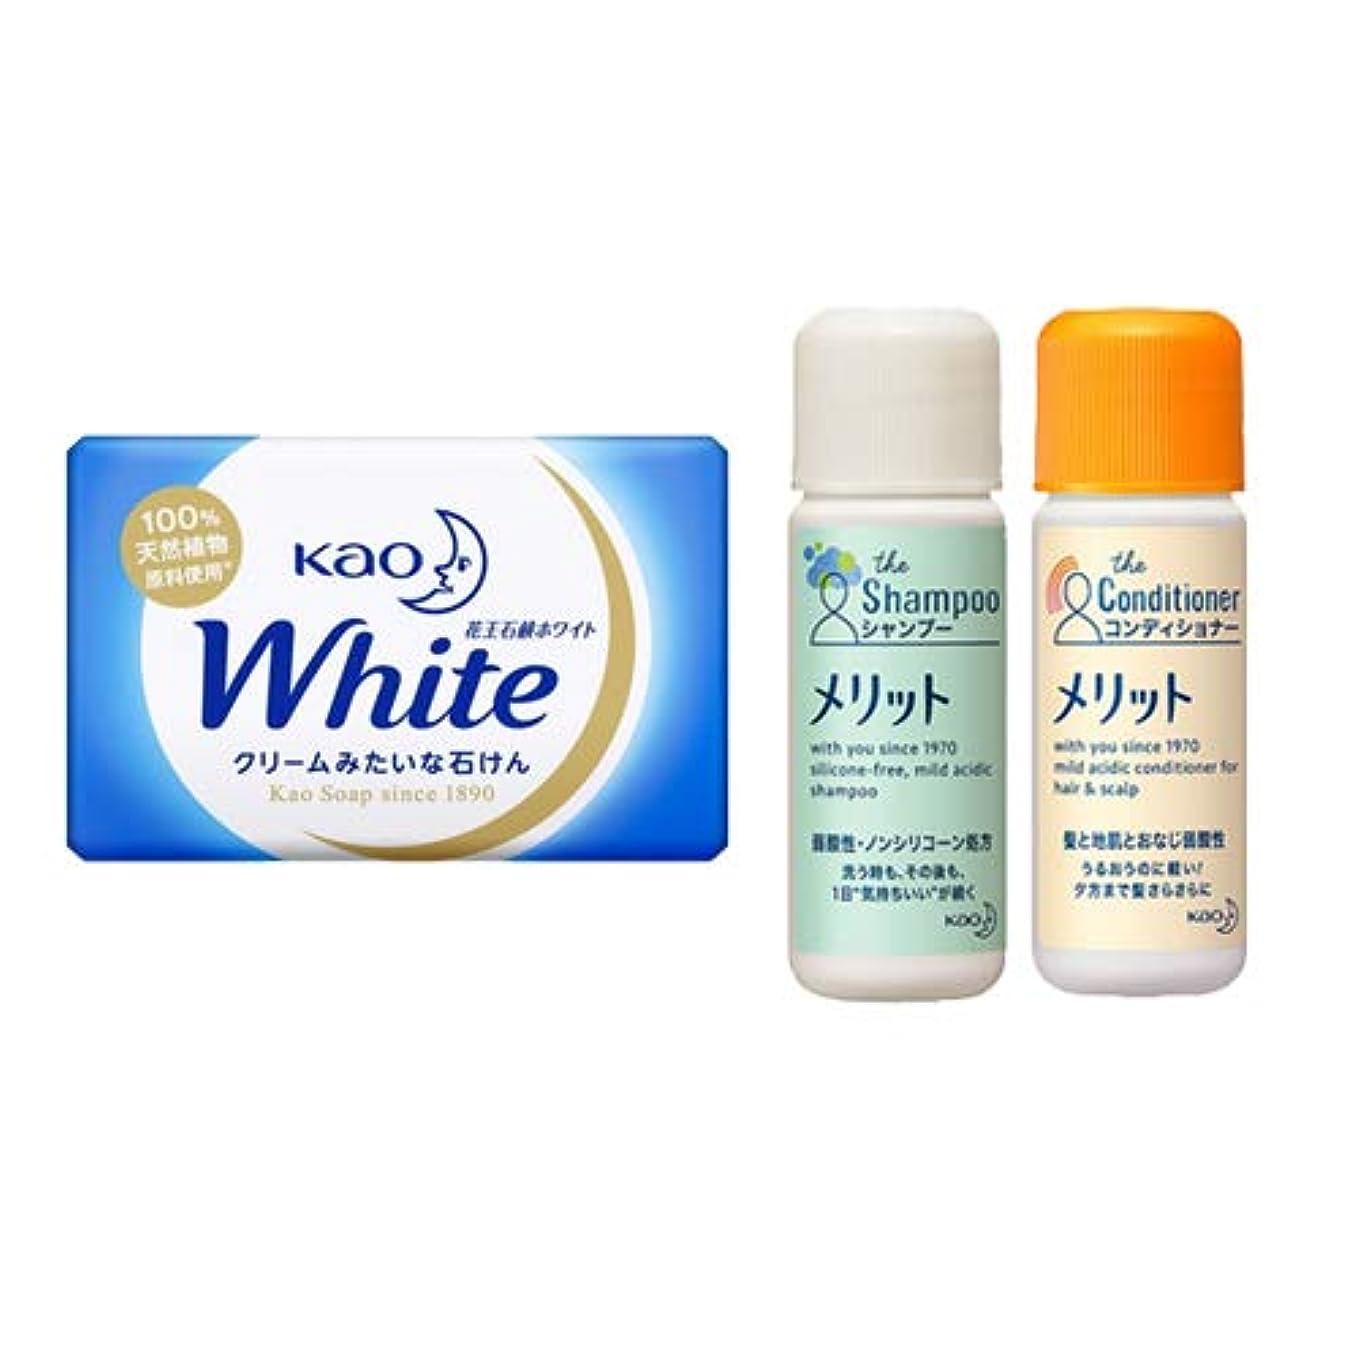 半ばせせらぎ時折花王(KAO) 石鹸ホワイト(Kao Soap White) 15g + メリットシャンプー 16ml + リンス 16ml セット